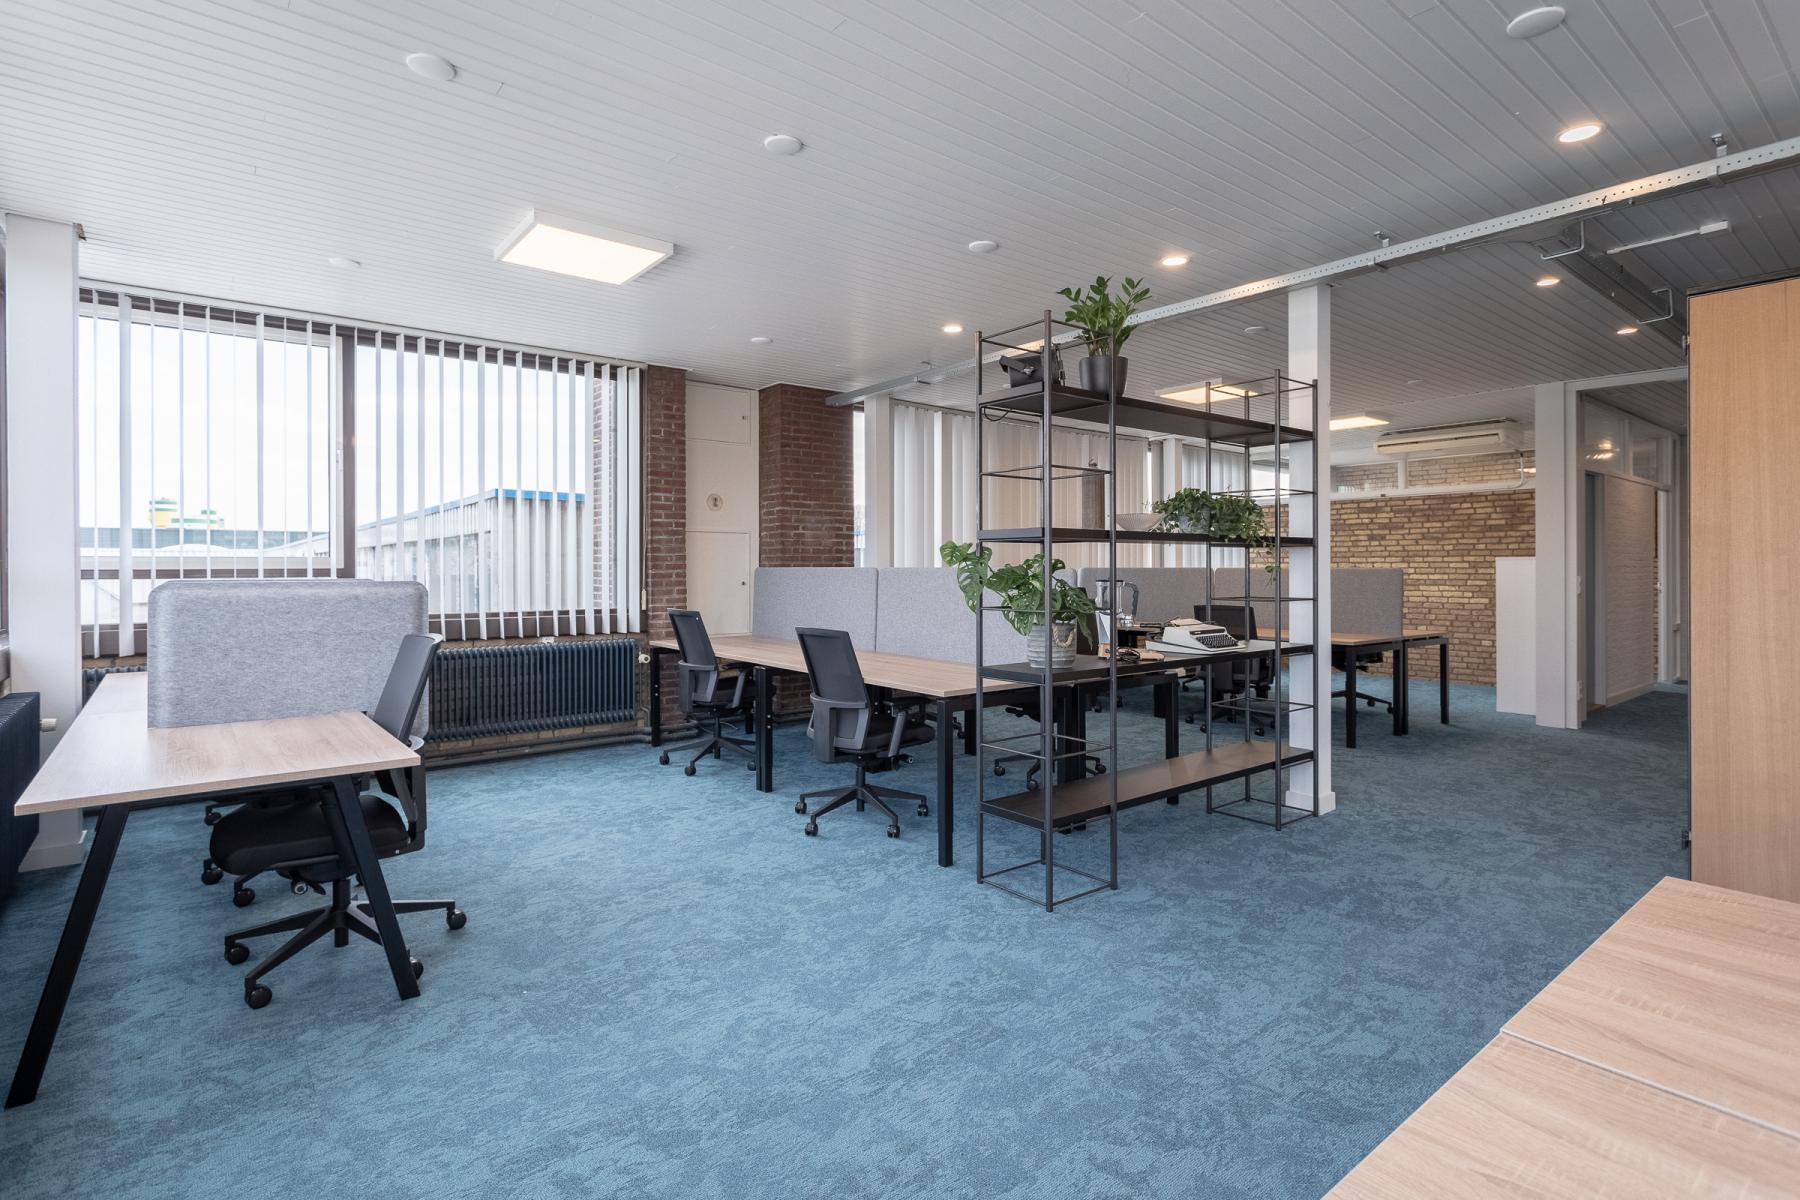 werkplekken flexplekken kantoorruimte kantoorpand Utrecht netjes gerenoveerd oud fabriekspand